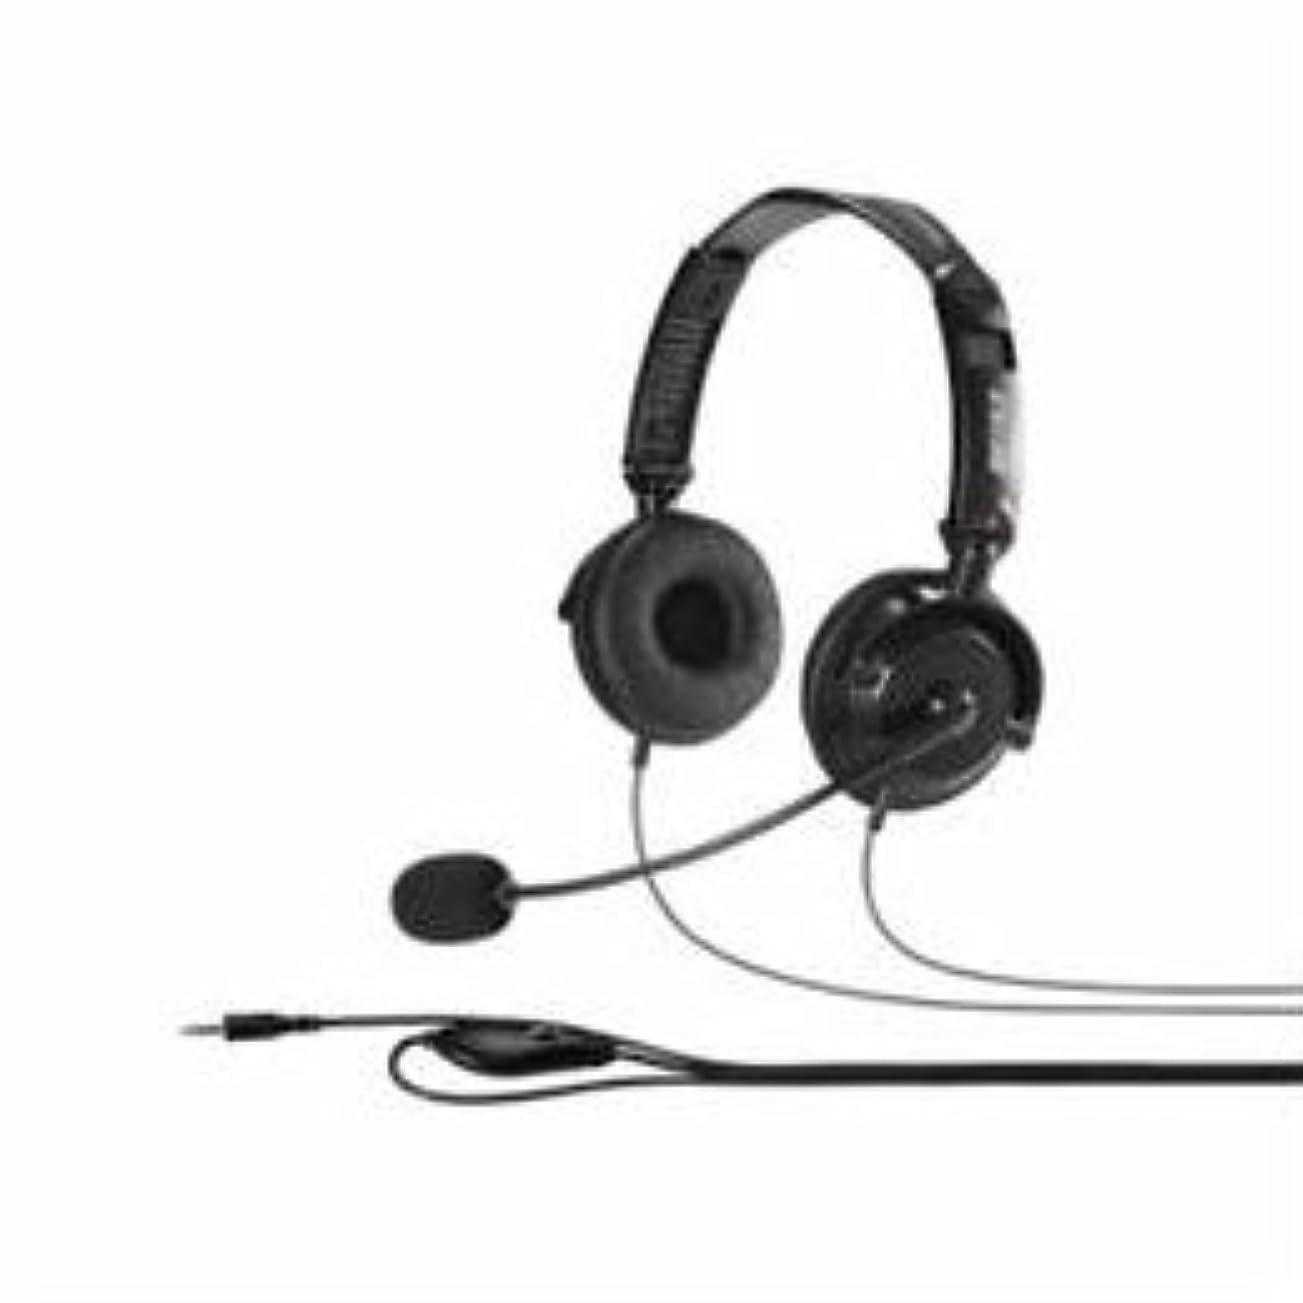 簡単にへこみ血色の良い(2個まとめ売り) BUFFALO バッファロー BSHSHCS310BK 両耳ヘッドバンド式ステレオヘッドセット 折りたたみタイプ ブラック